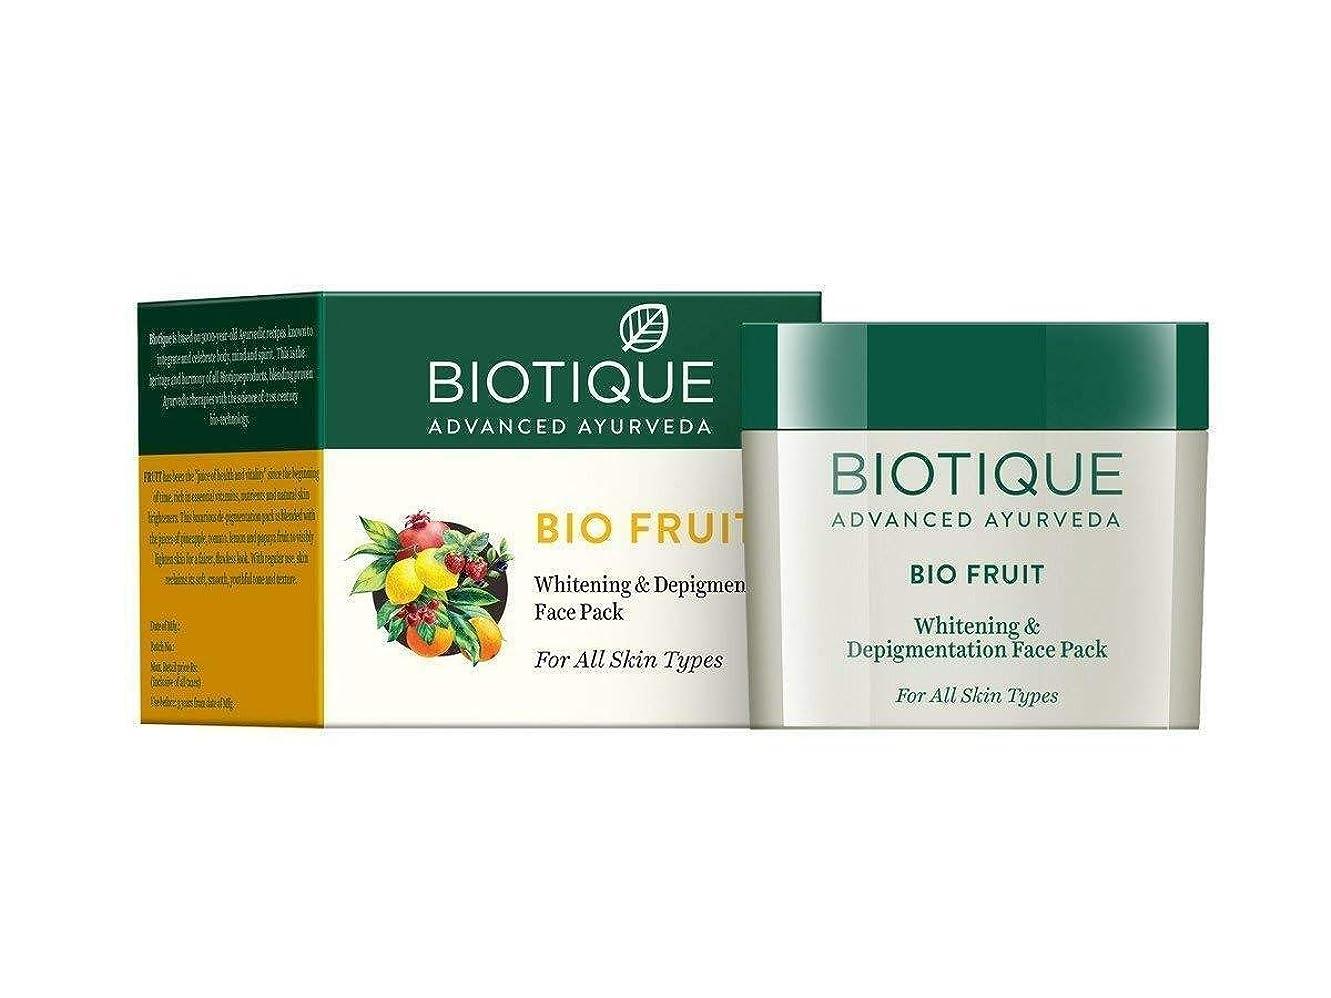 従順乱雑な流すBiotique Fruit Whitening & Depigmentation Face Pack 75g soft smooth Skin tone ビオティックフルーツホワイトニング&デピグメントフェイスパックソフトスムーススキントーン